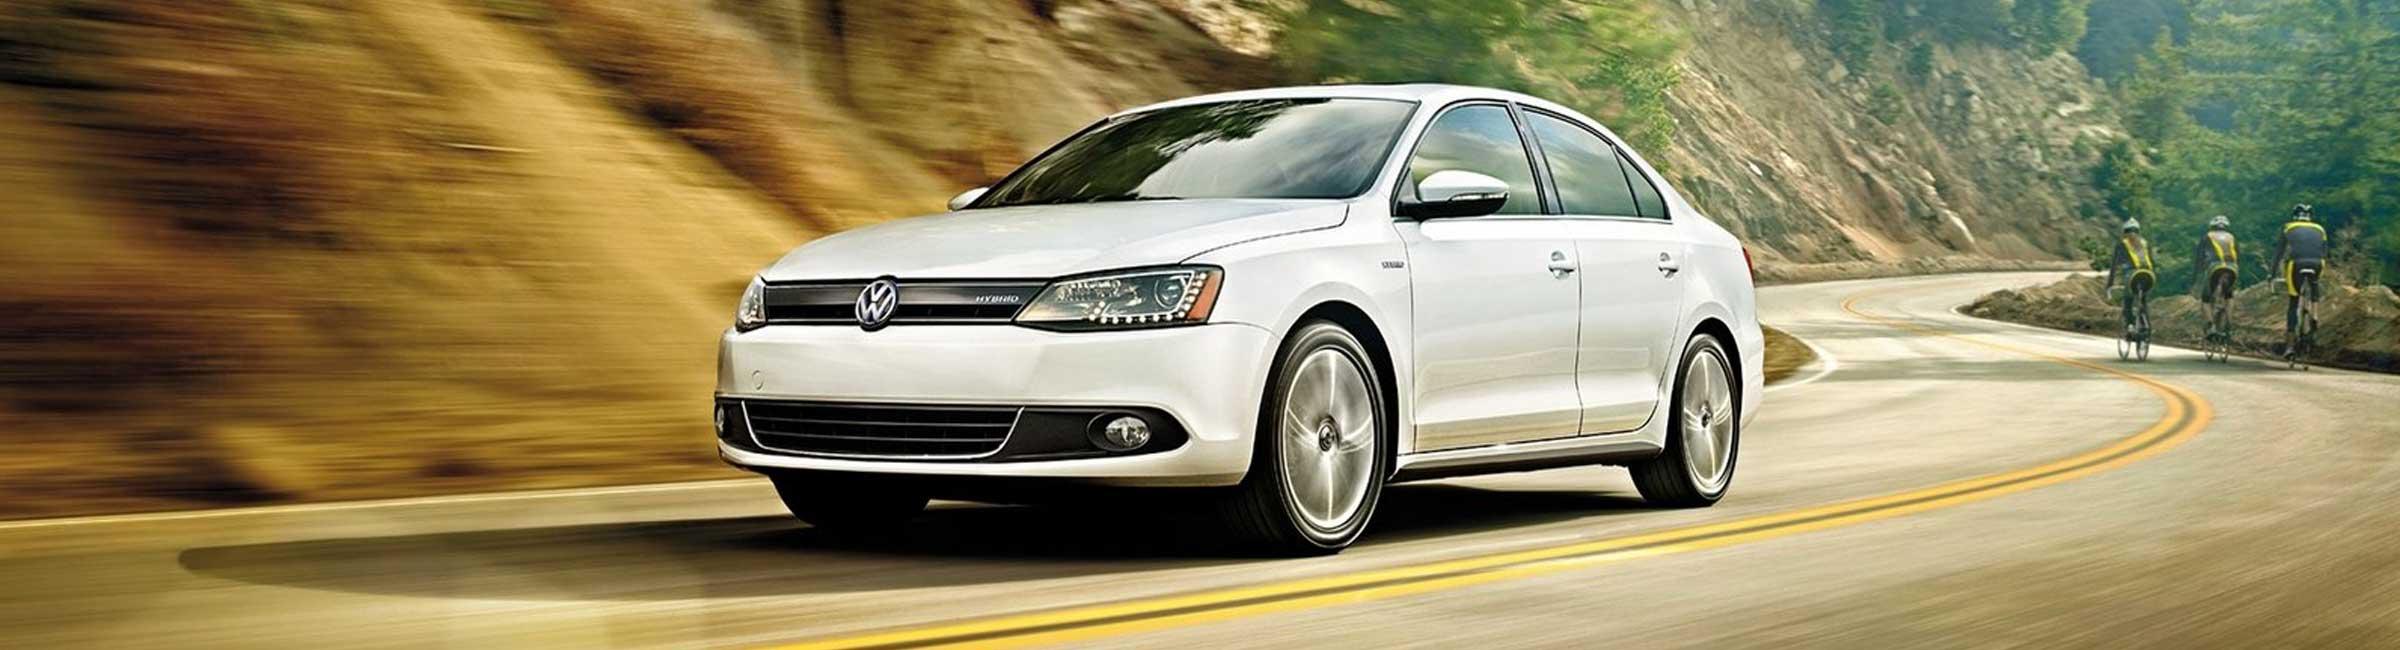 Car Dealerships In La Crosse Wi >> City Auto Sales Car Dealer In La Crosse Wi